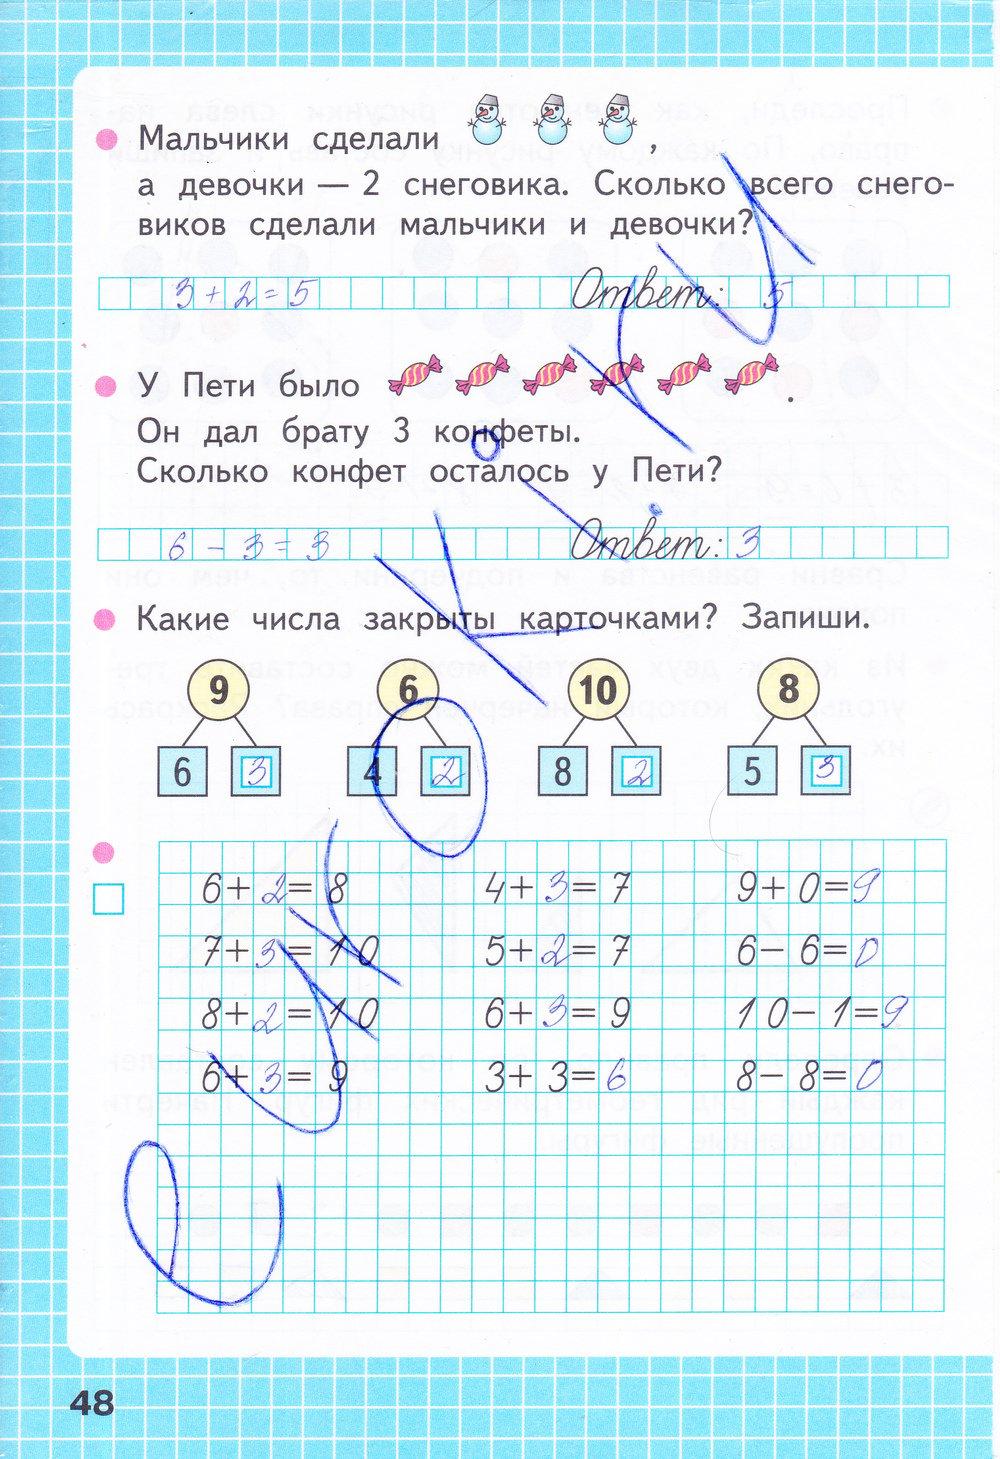 решебник по 4 класс матем 2 часть моро рабочая тетрадь